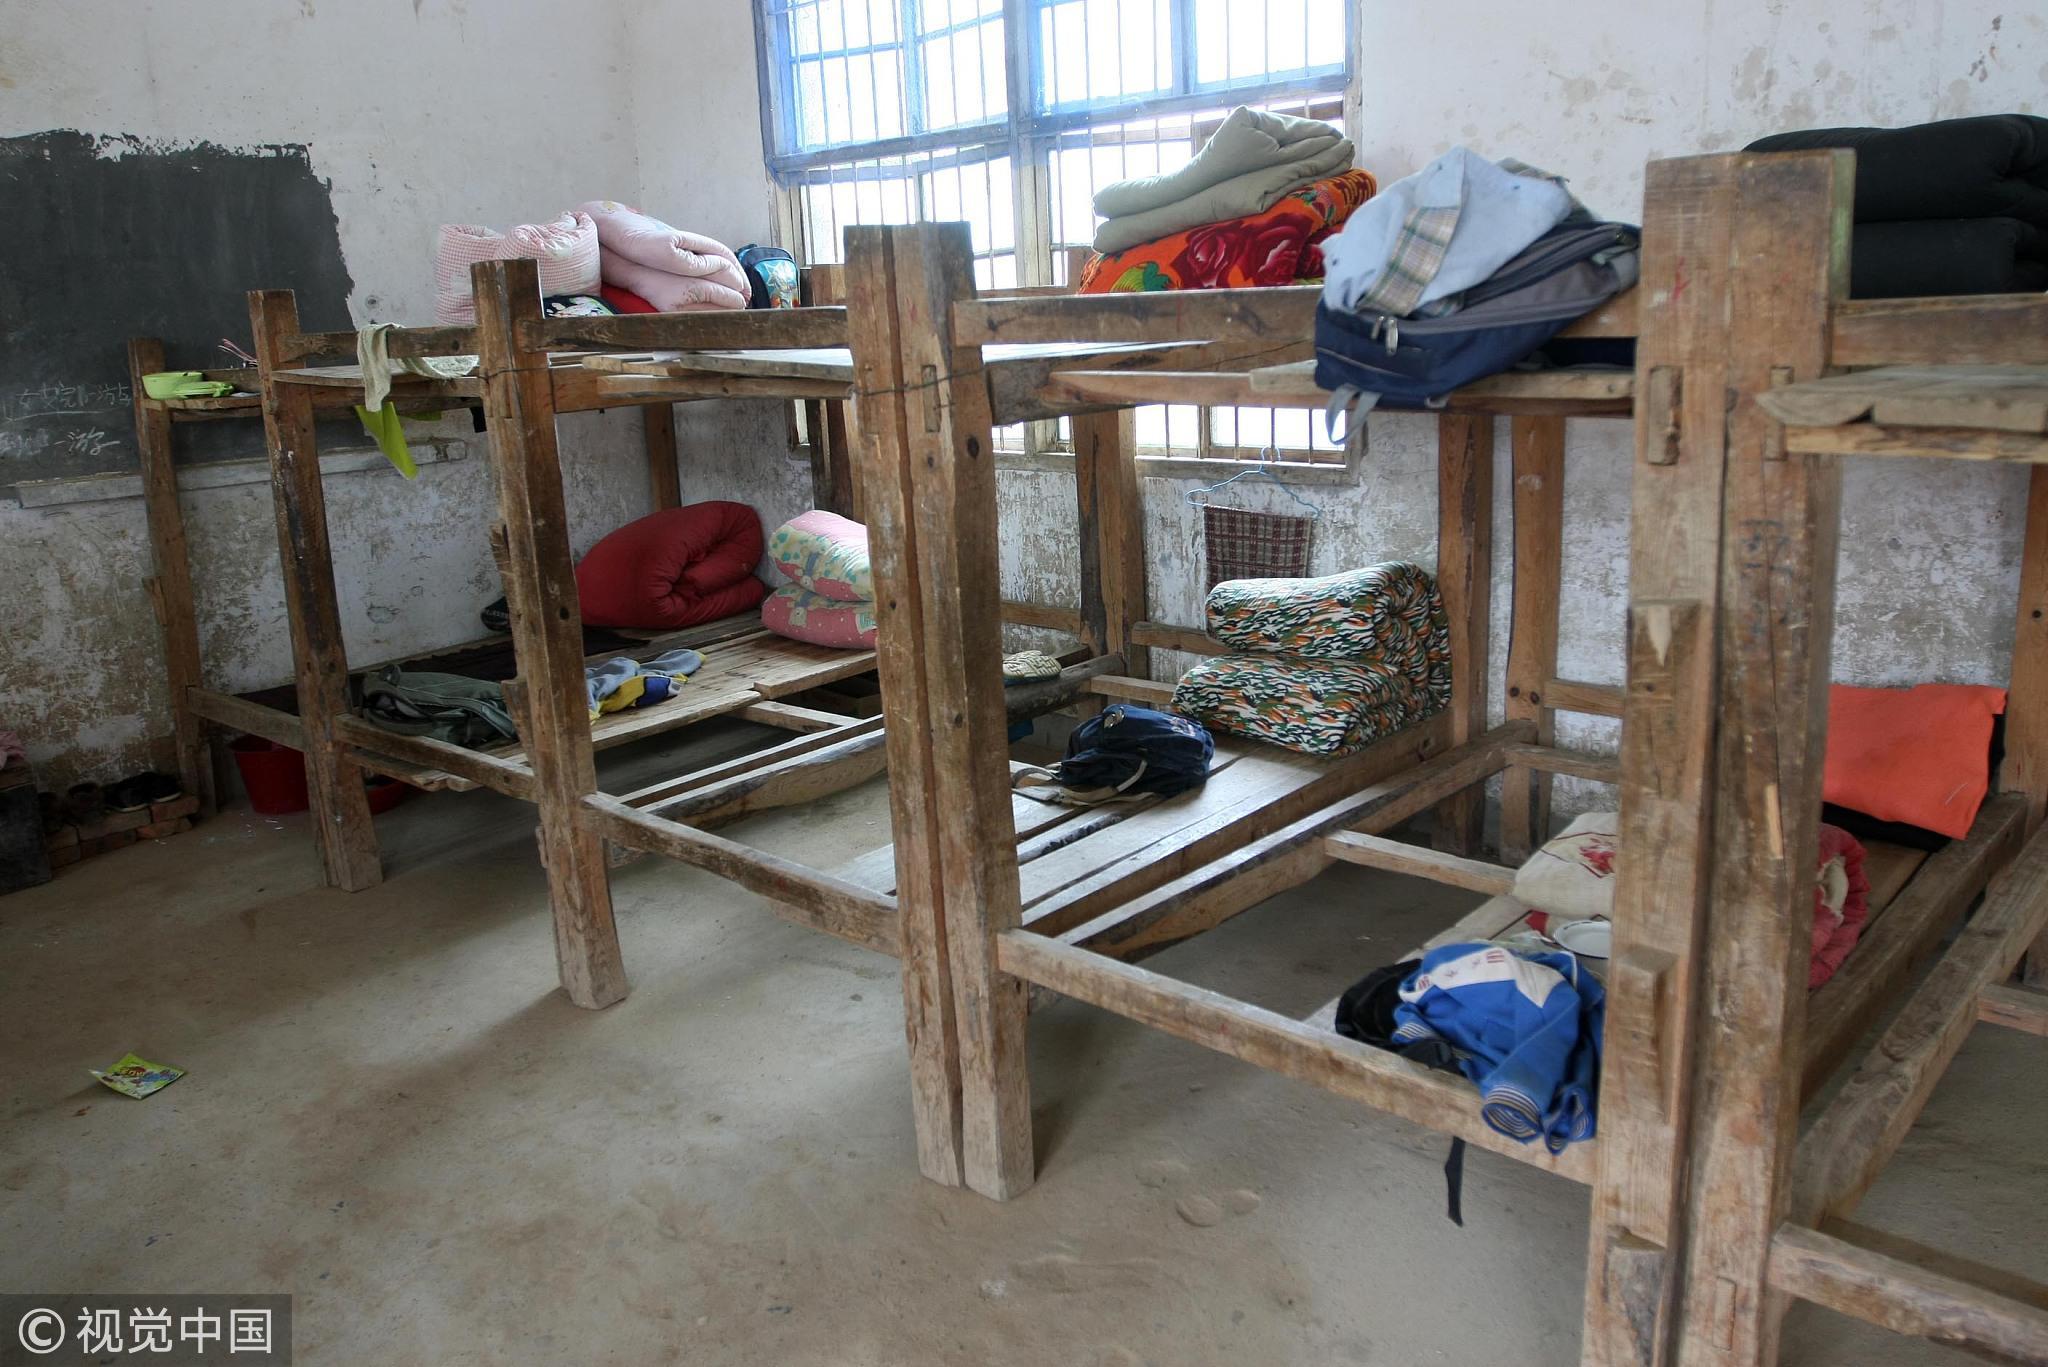 2011年5月27日,江西九江瑞昌市洪一乡双港小学简陋的学生宿舍。 / 视觉中国